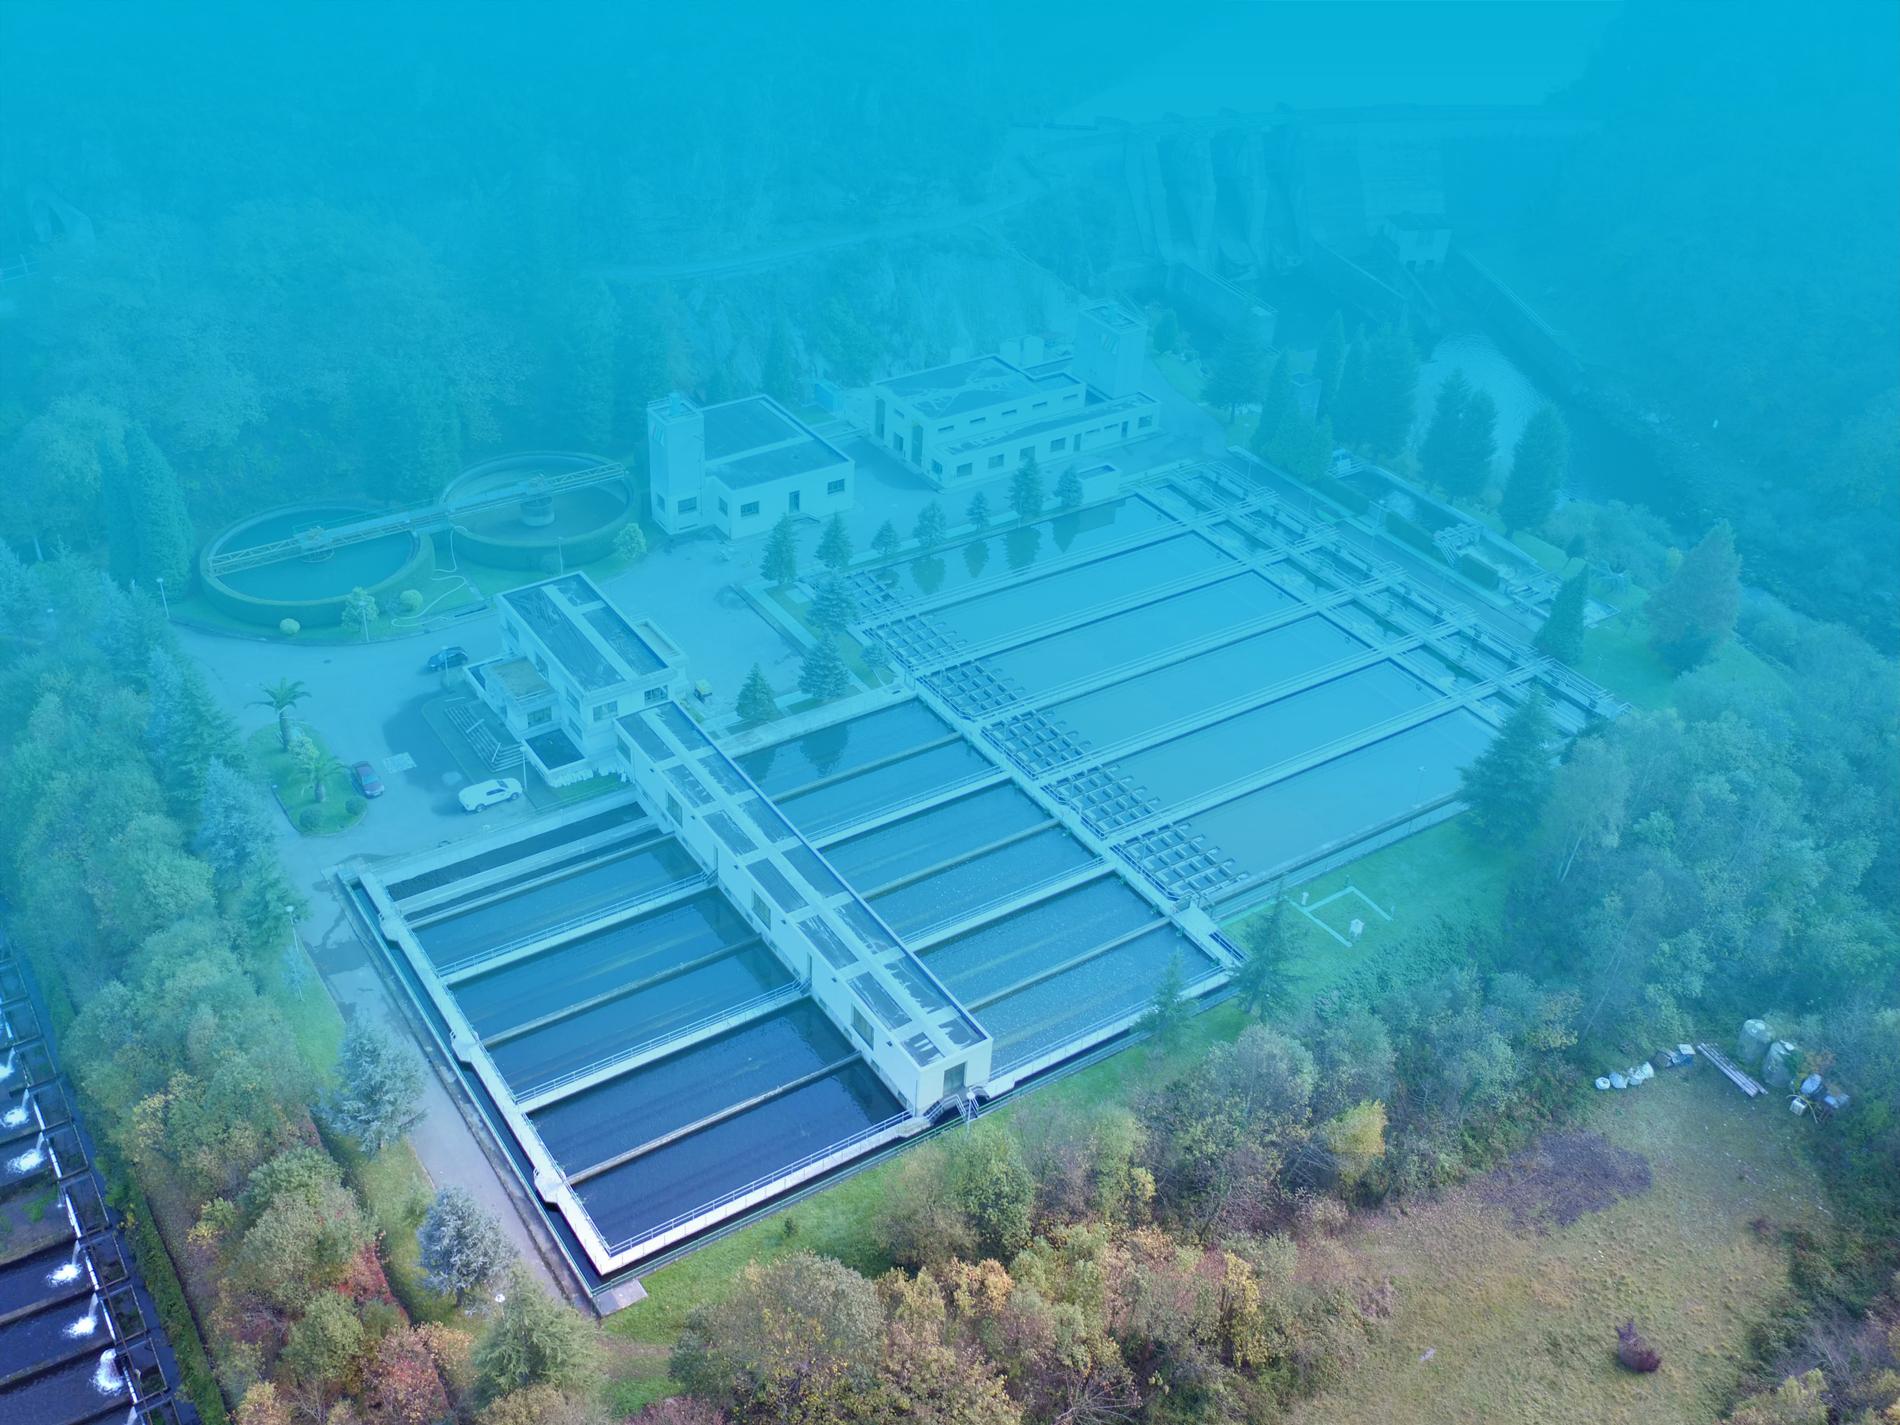 Abastecimiento y saneamiento de aguas Asturias